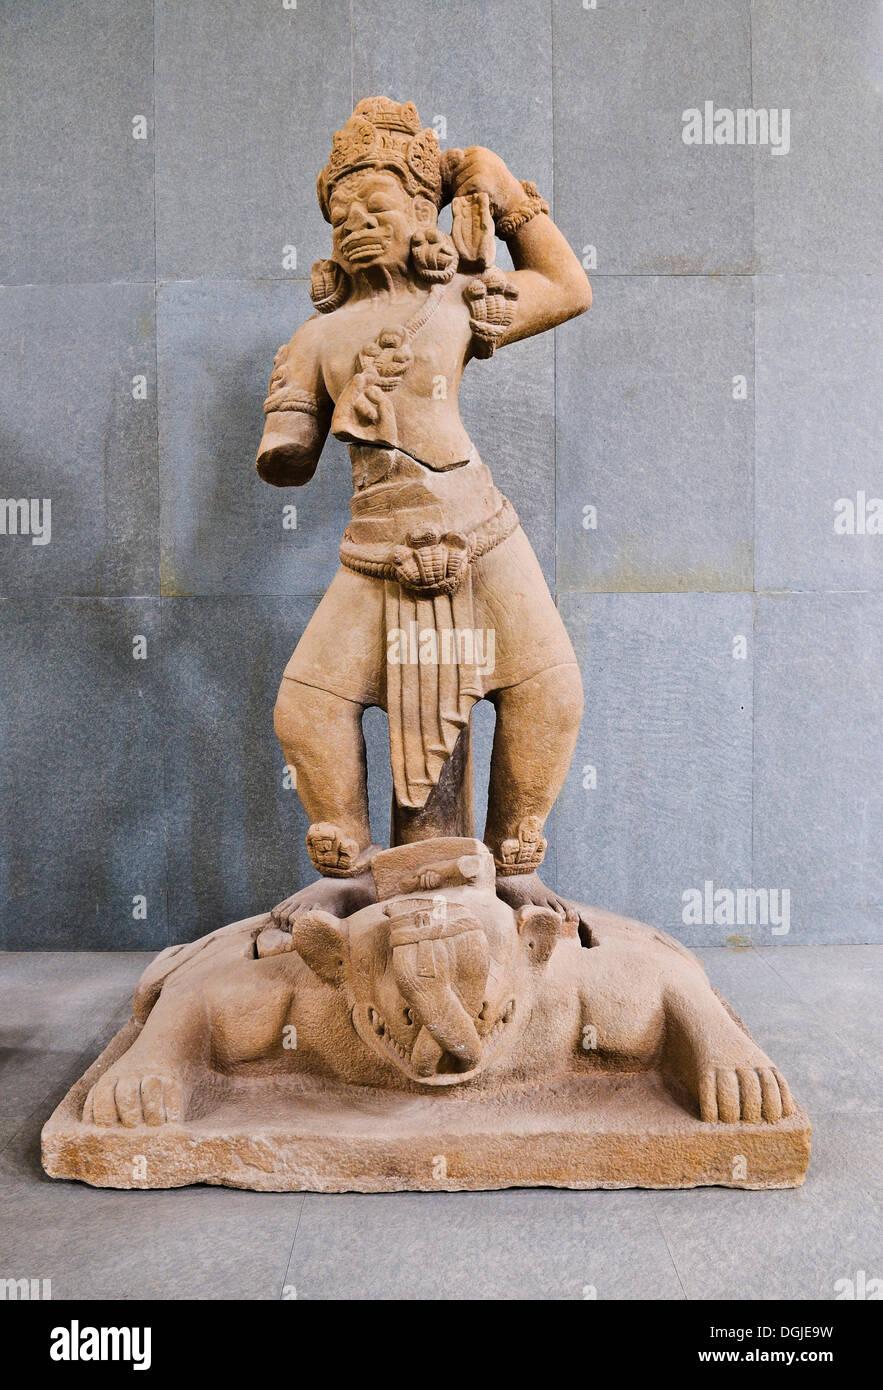 Statua di Dvarapala, semidio che custodisce l'ingresso, Cham Museum, Da Nang, Vietnam, sud-est asiatico Immagini Stock